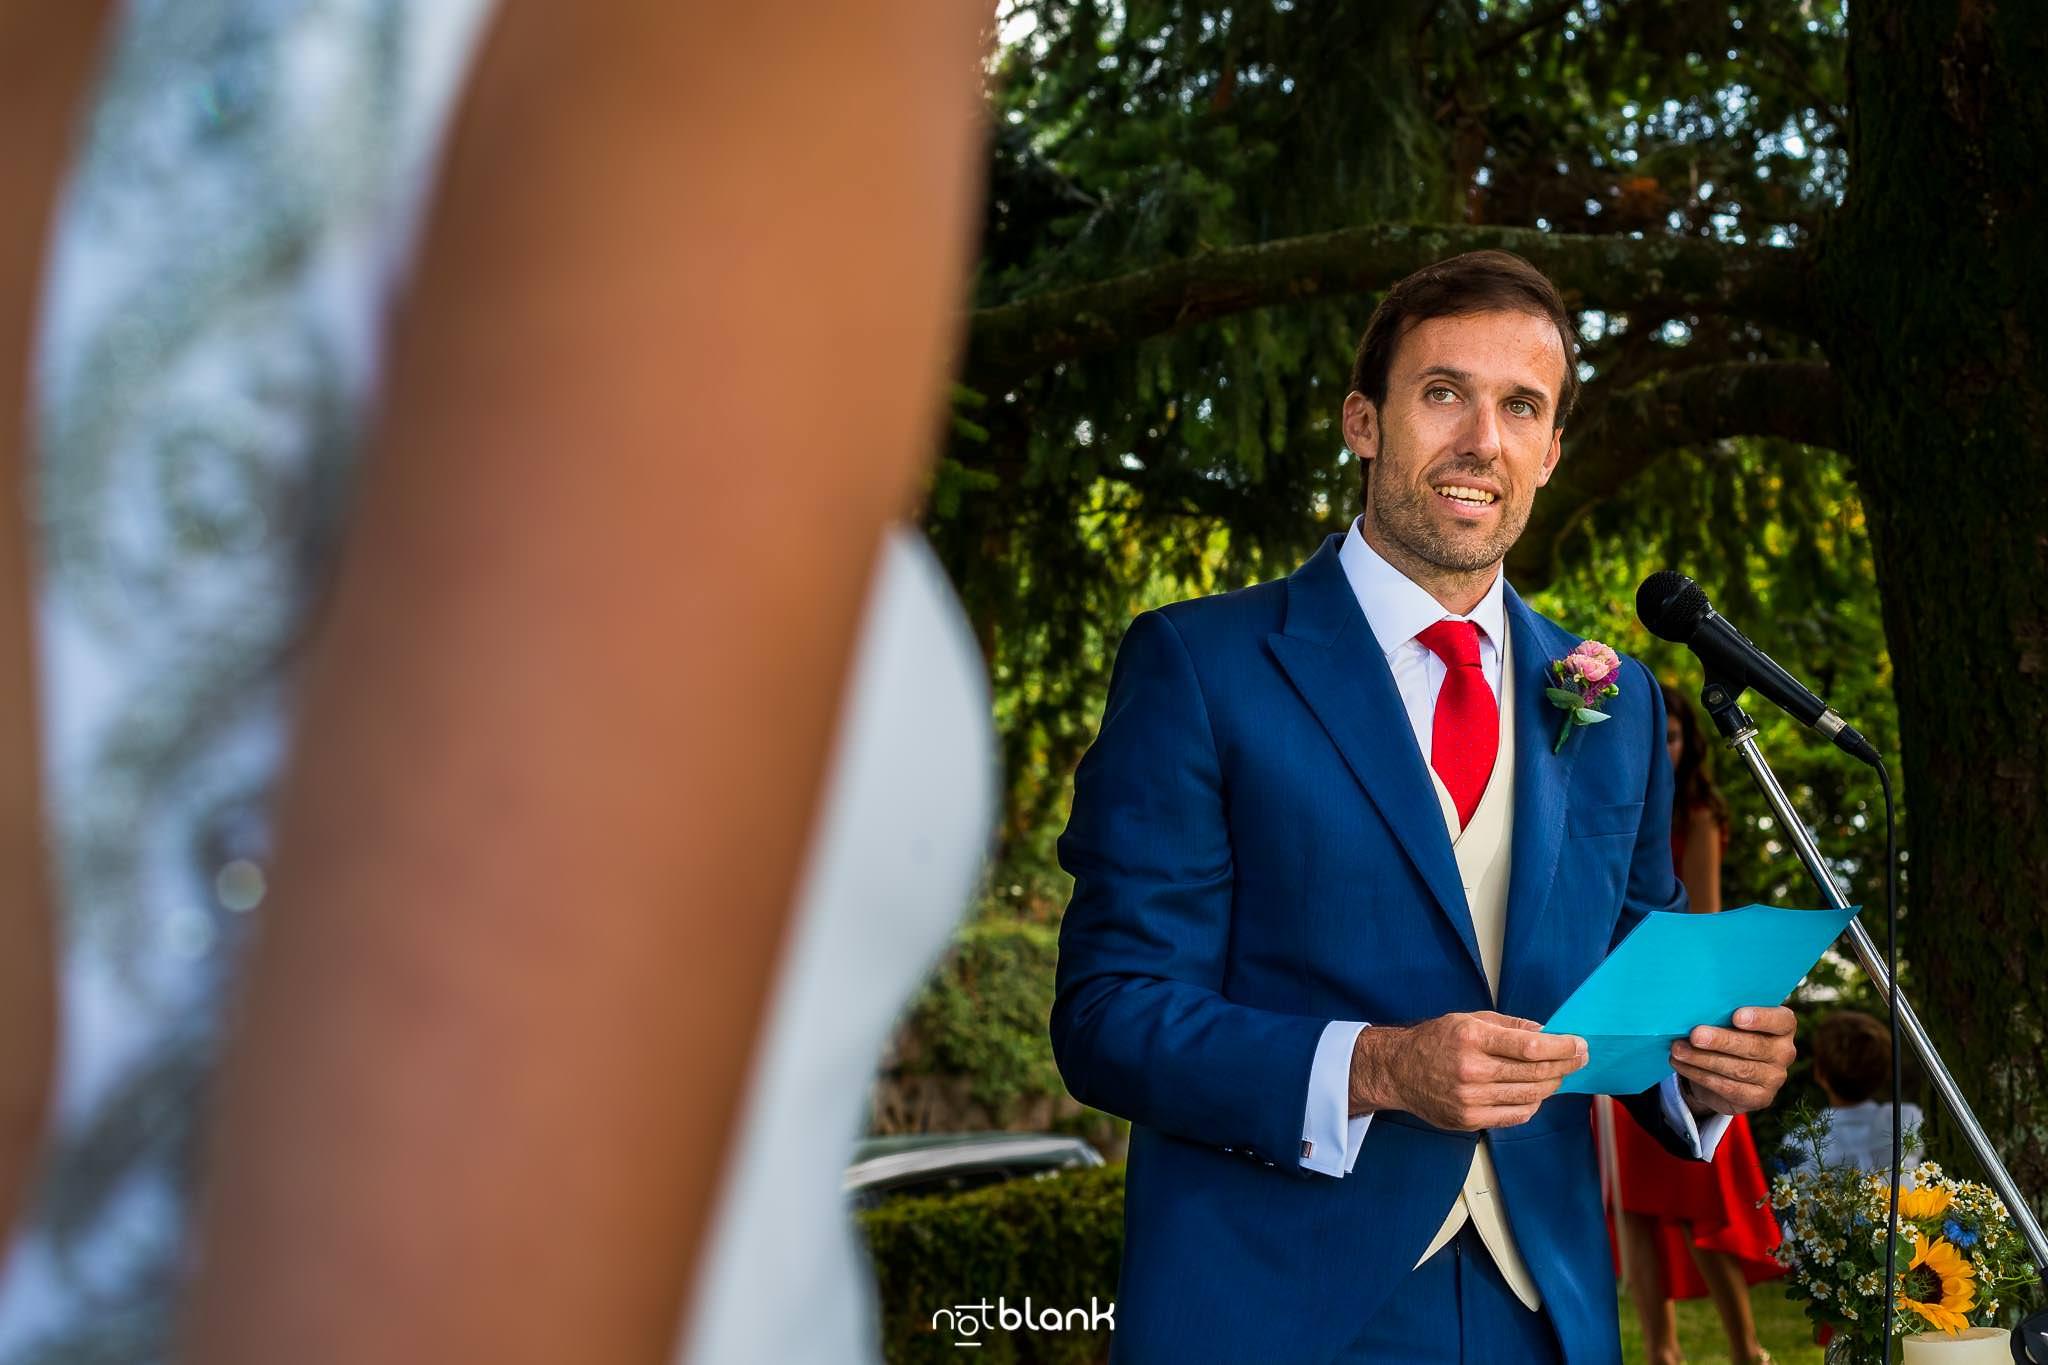 Boda En El Jardin De Casa Jana y Fran - El novio lee sus votos a la novia durante la ceremonia civil - Notblank Fotografos de boda